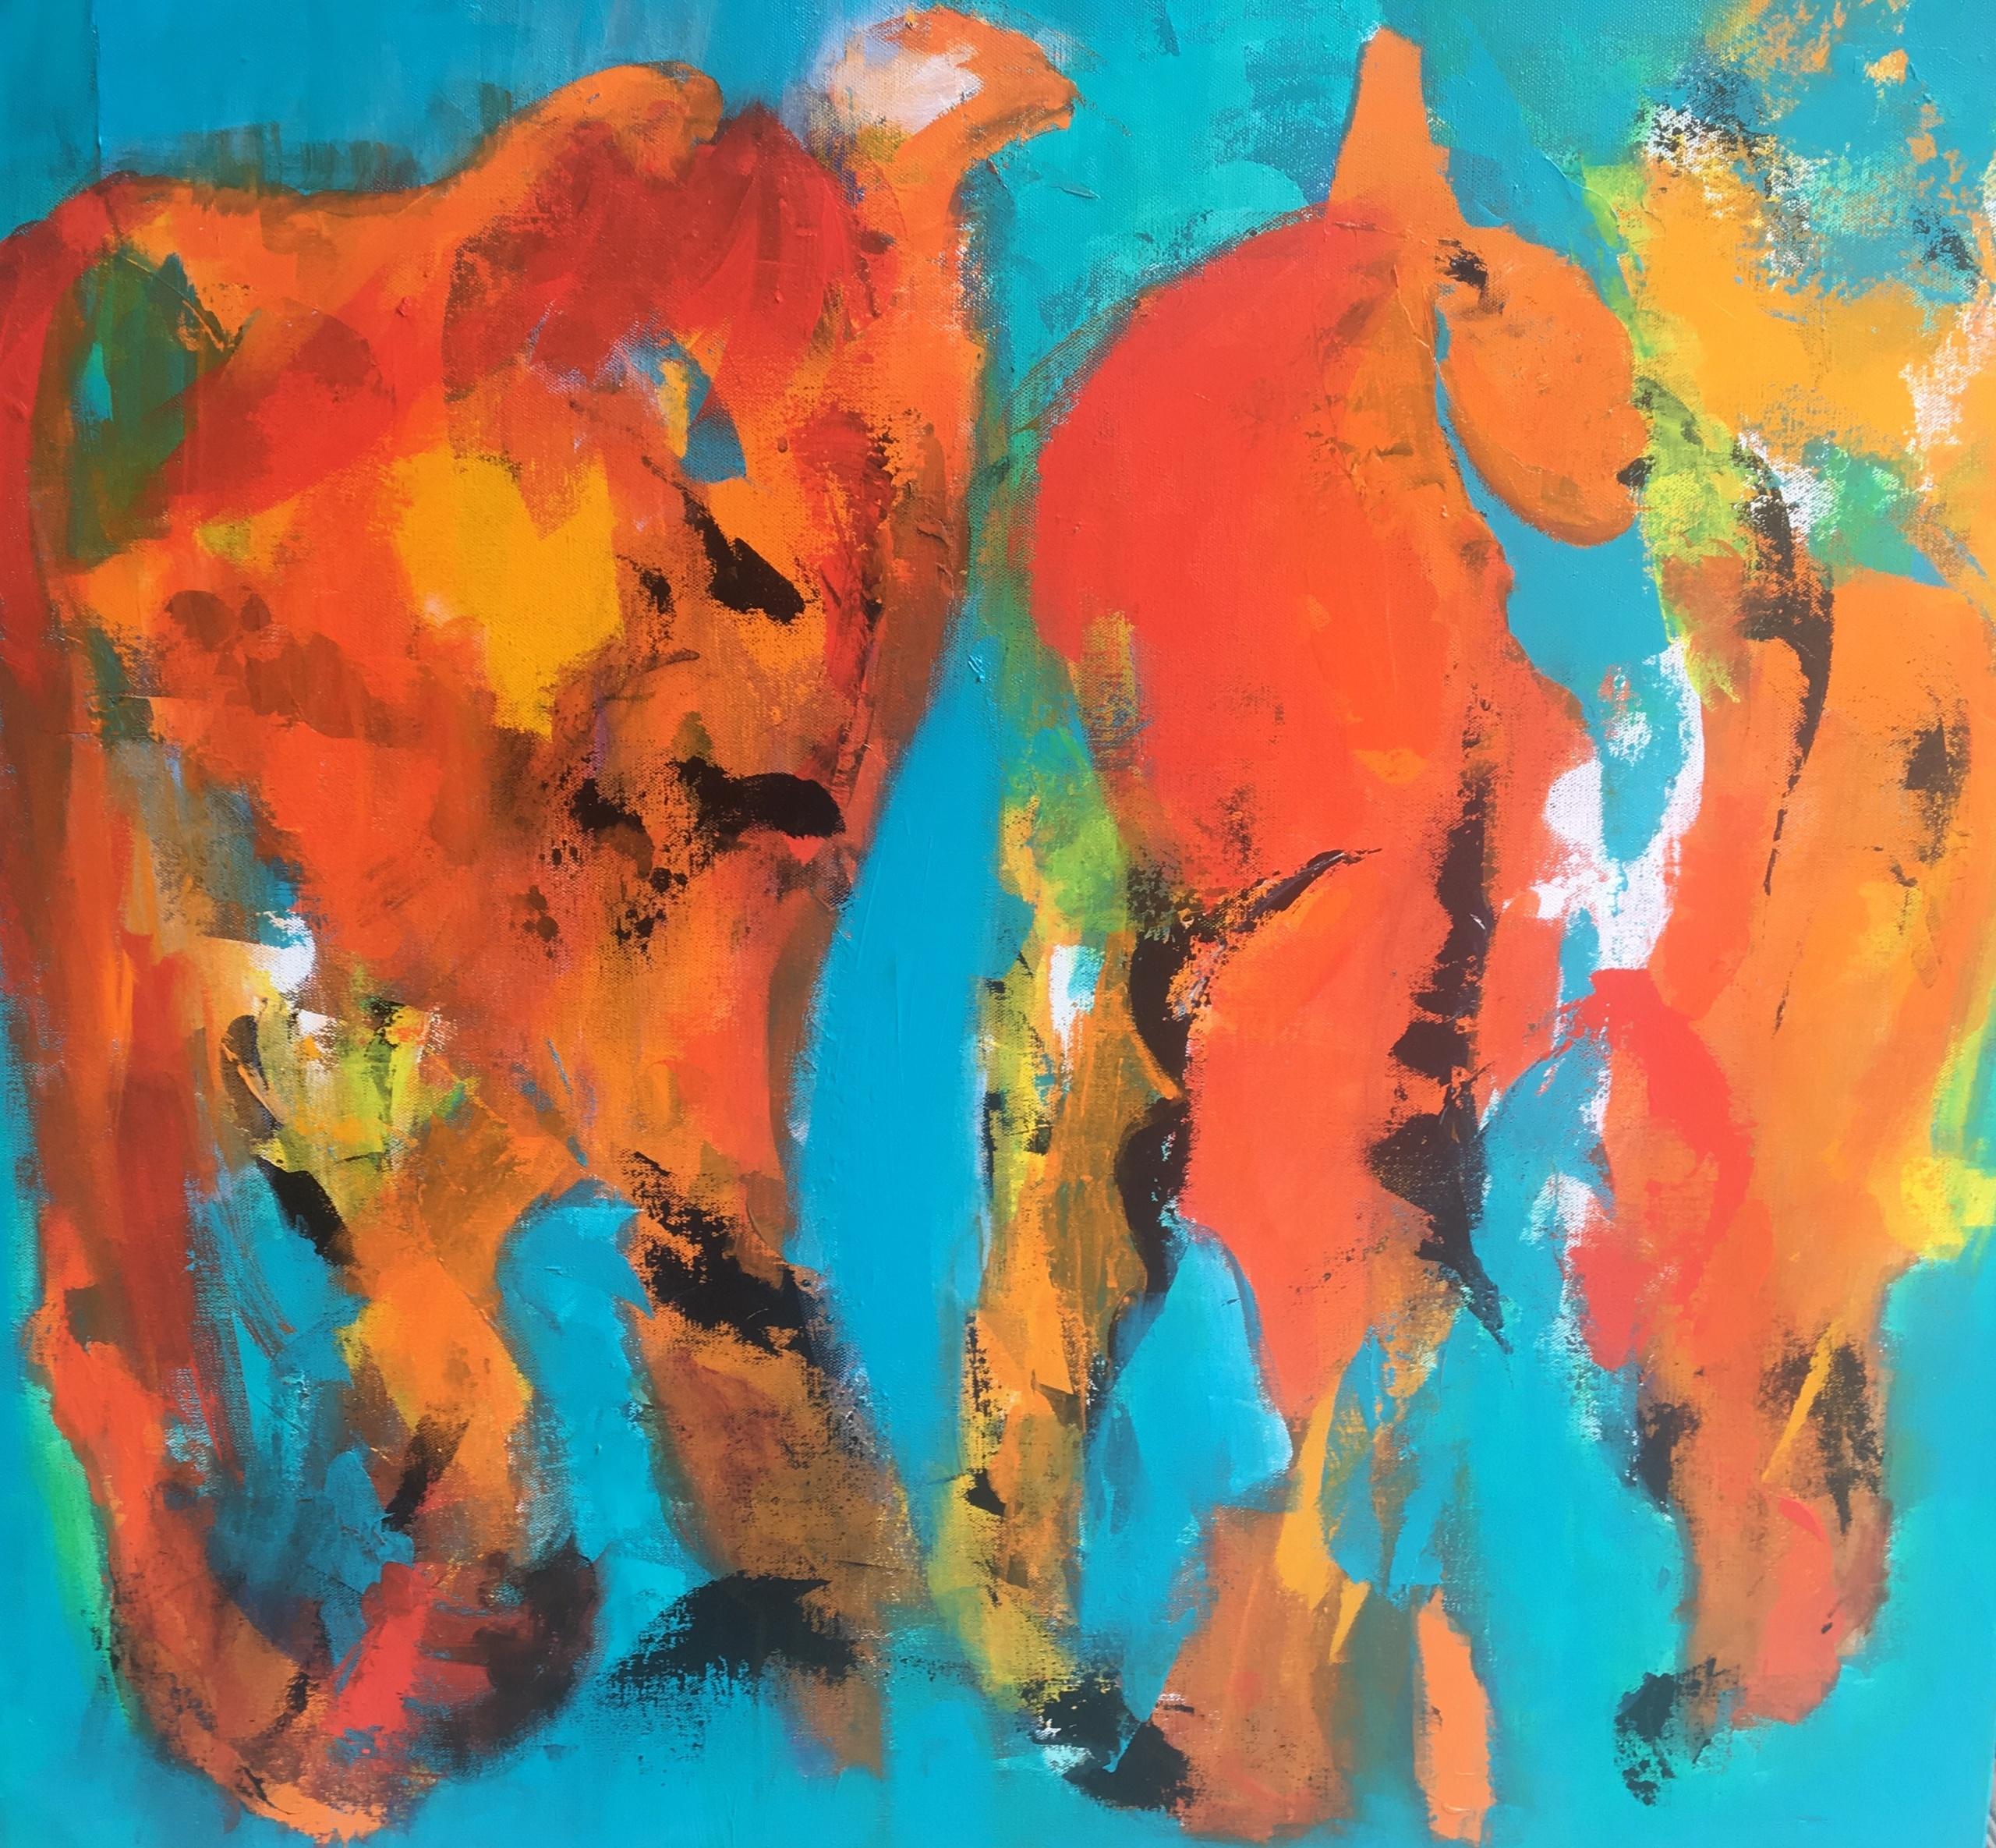 Folk har mange bud på, hvad de ser på maleriet - flest nævner løveunger i leg.